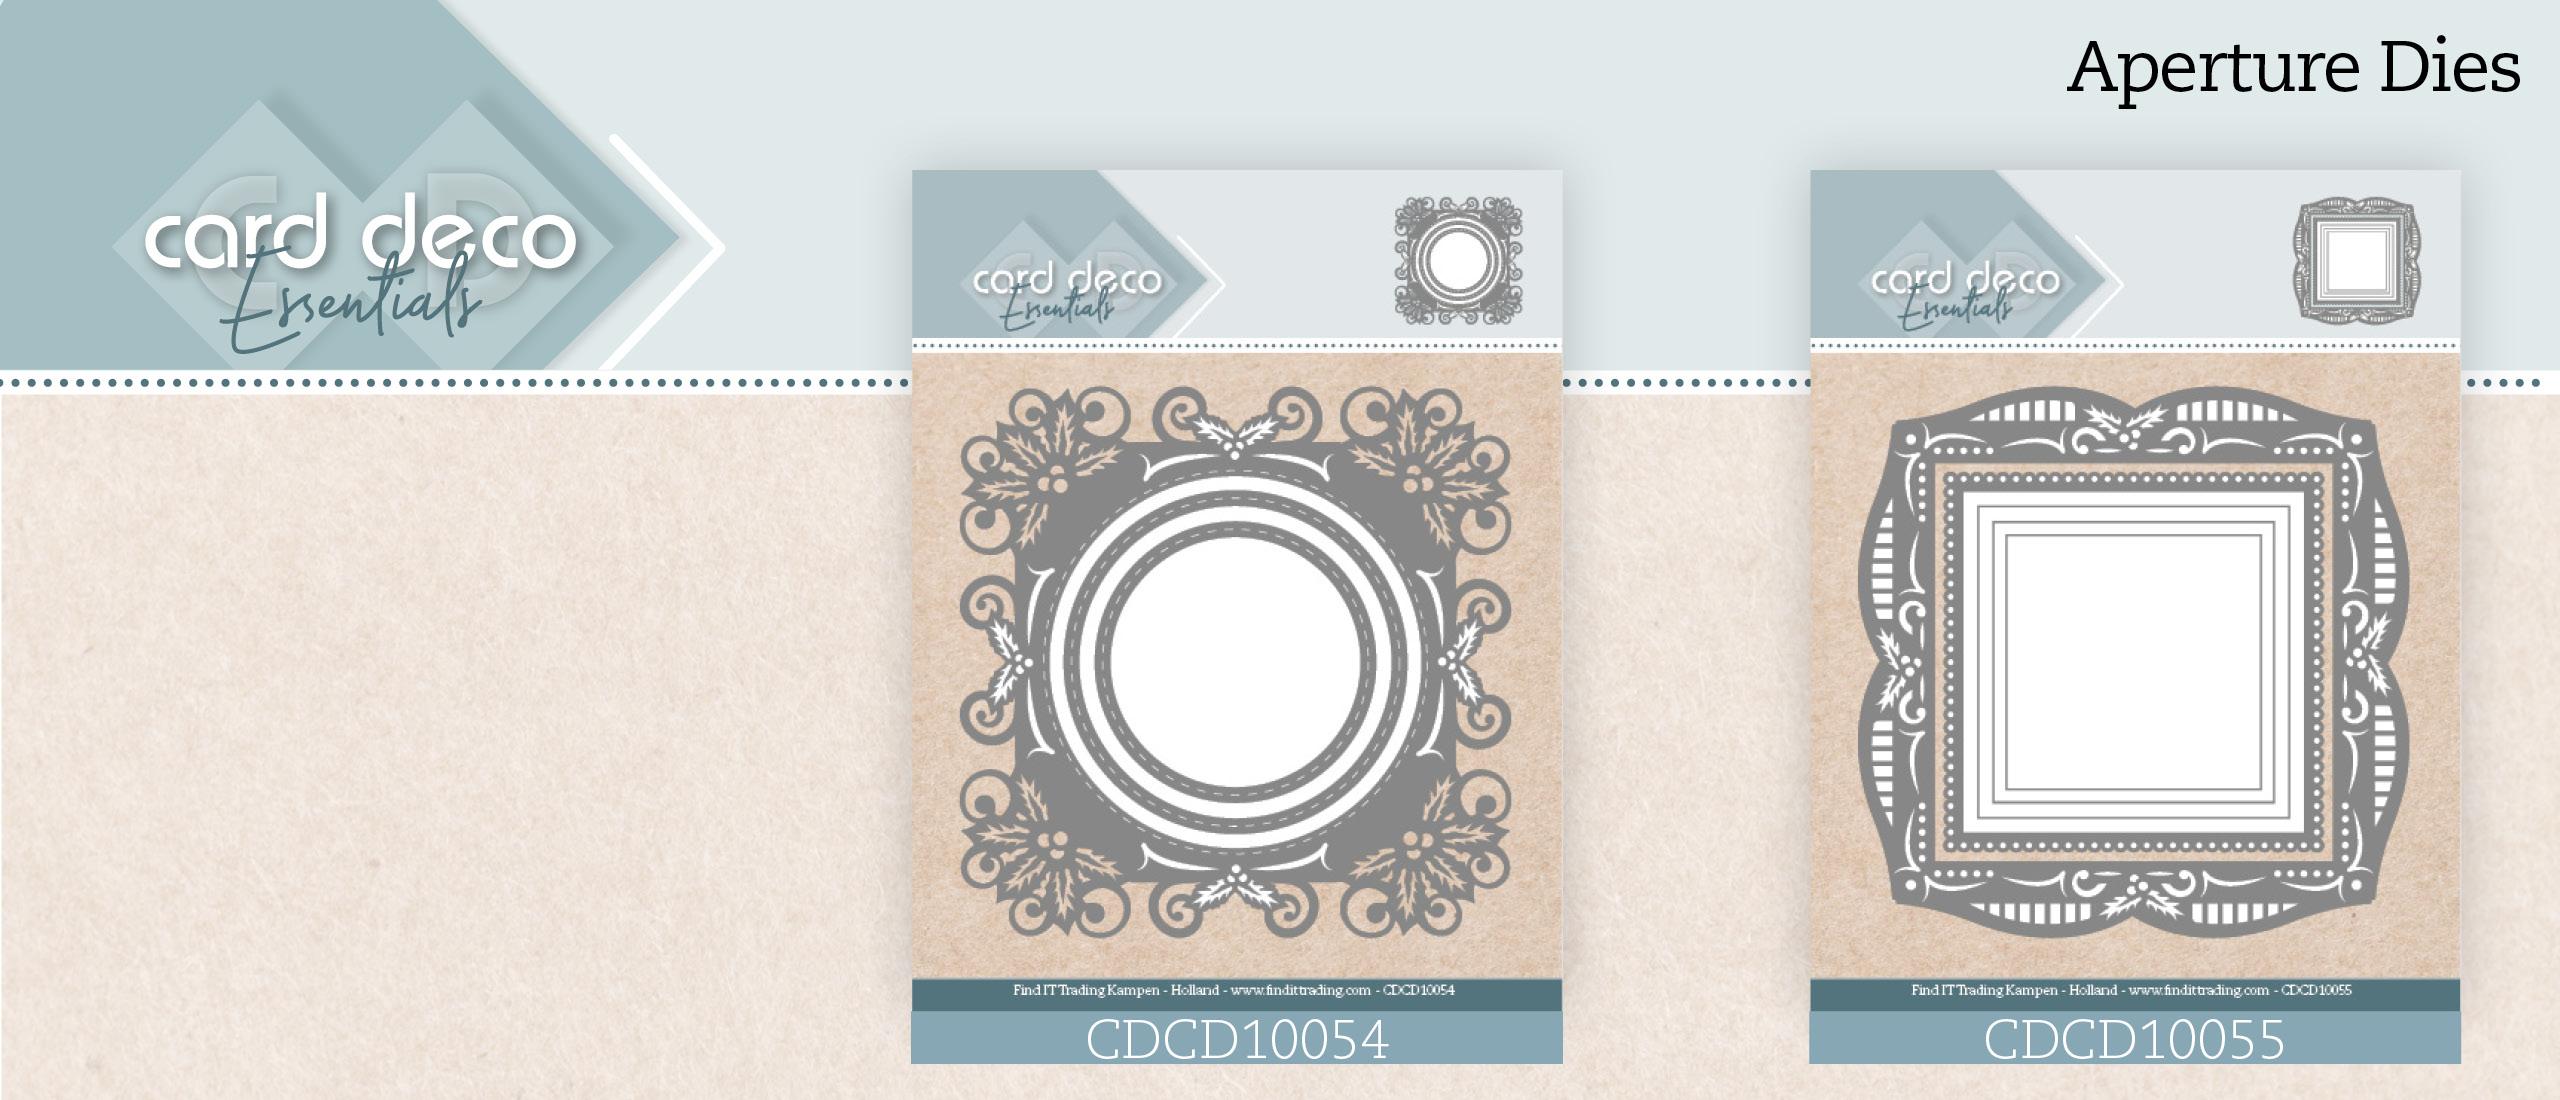 Aperture Dies - Card Deco Essentials